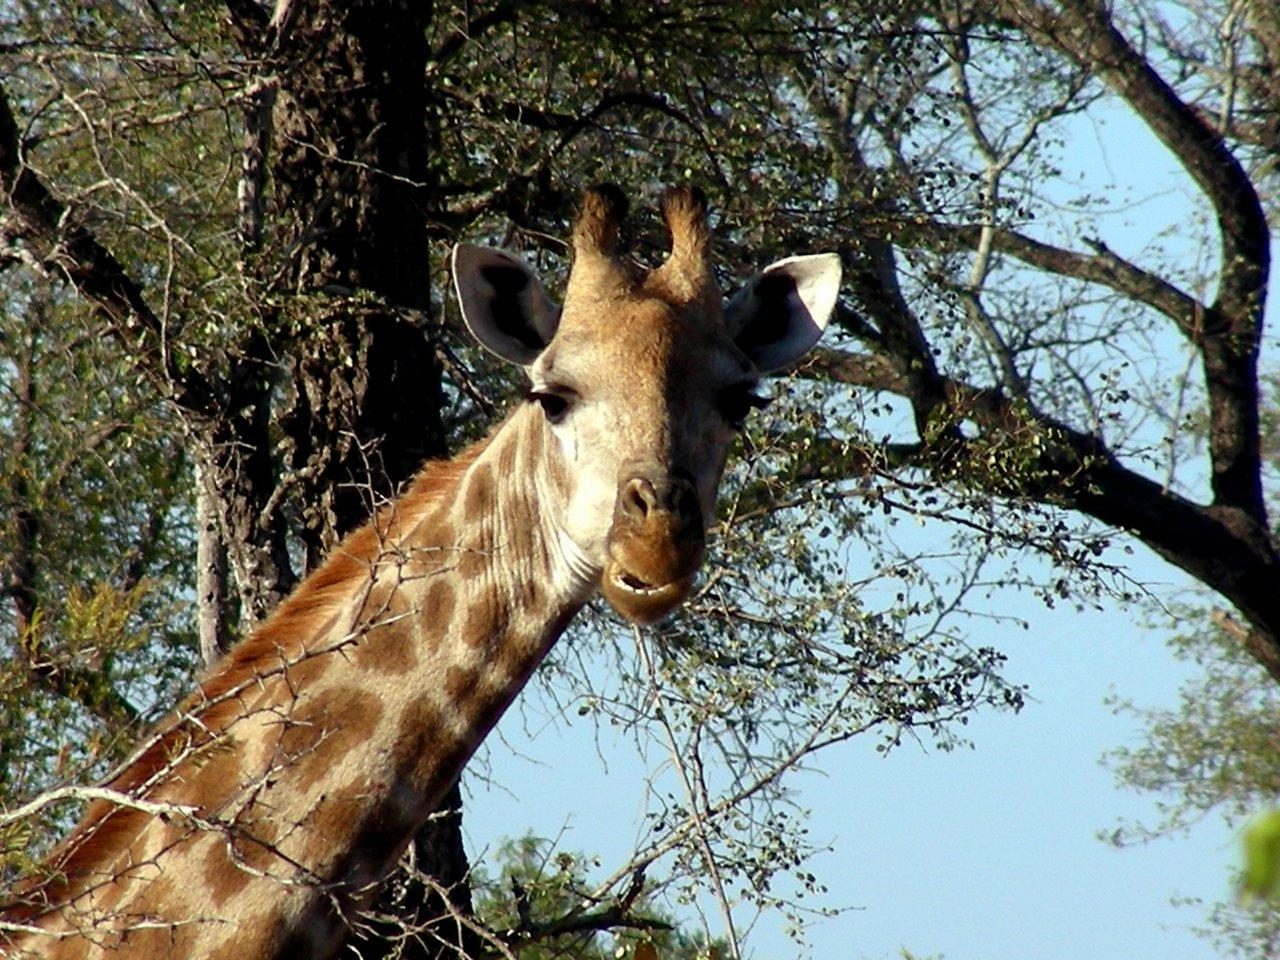 sudafrica itinerario: Una giraffa nel Kruger